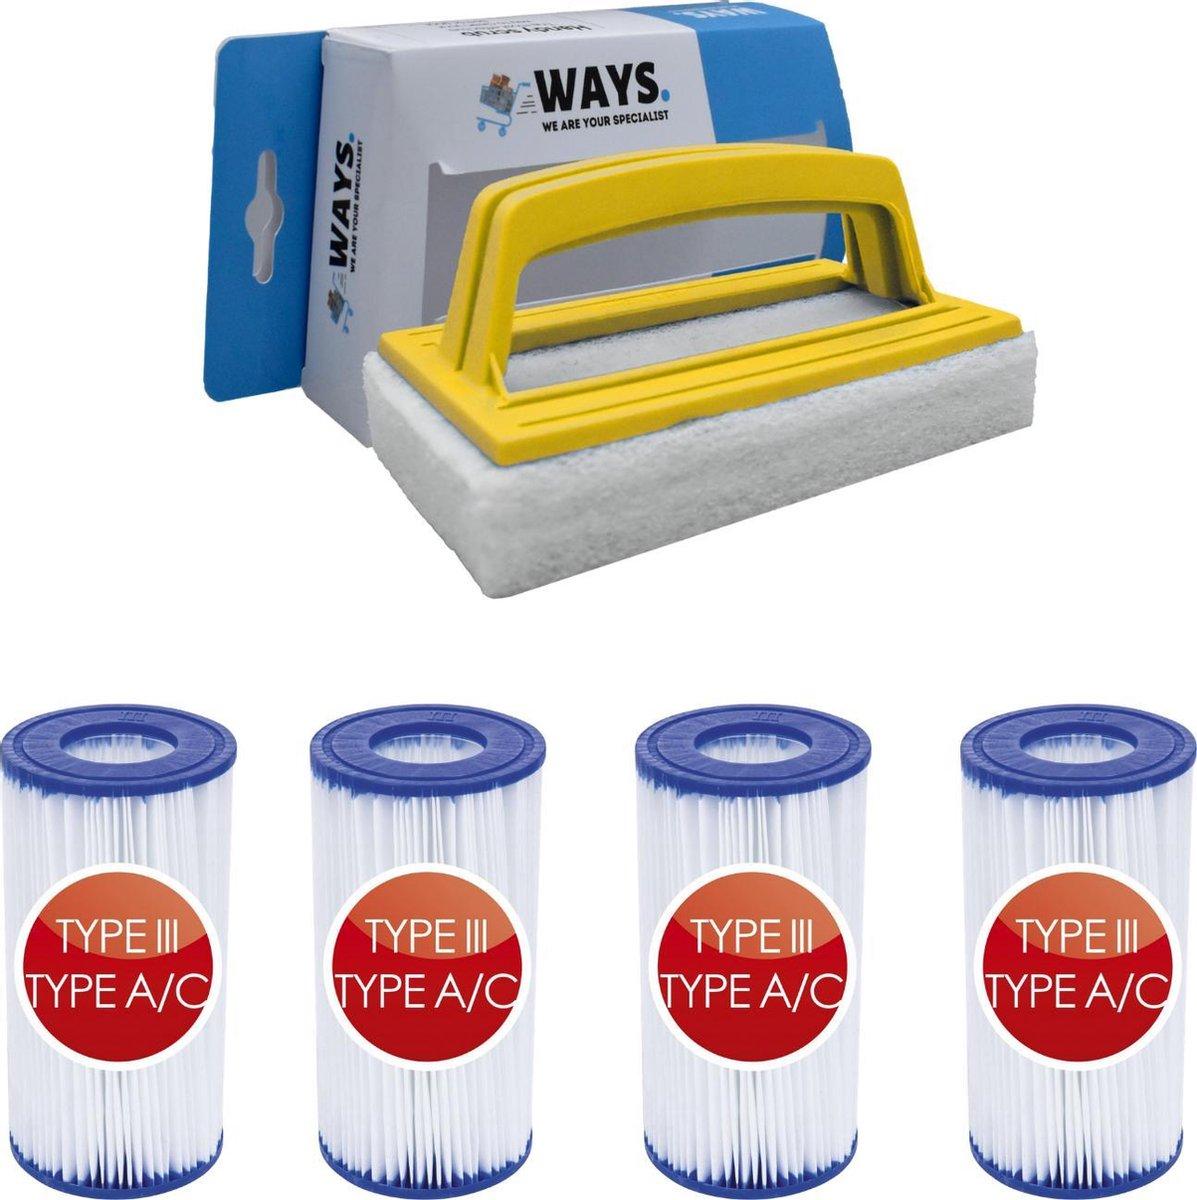 Bestway - Type III filters geschikt voor filterpomp 58389 - 4 stuks & WAYS scrubborstel